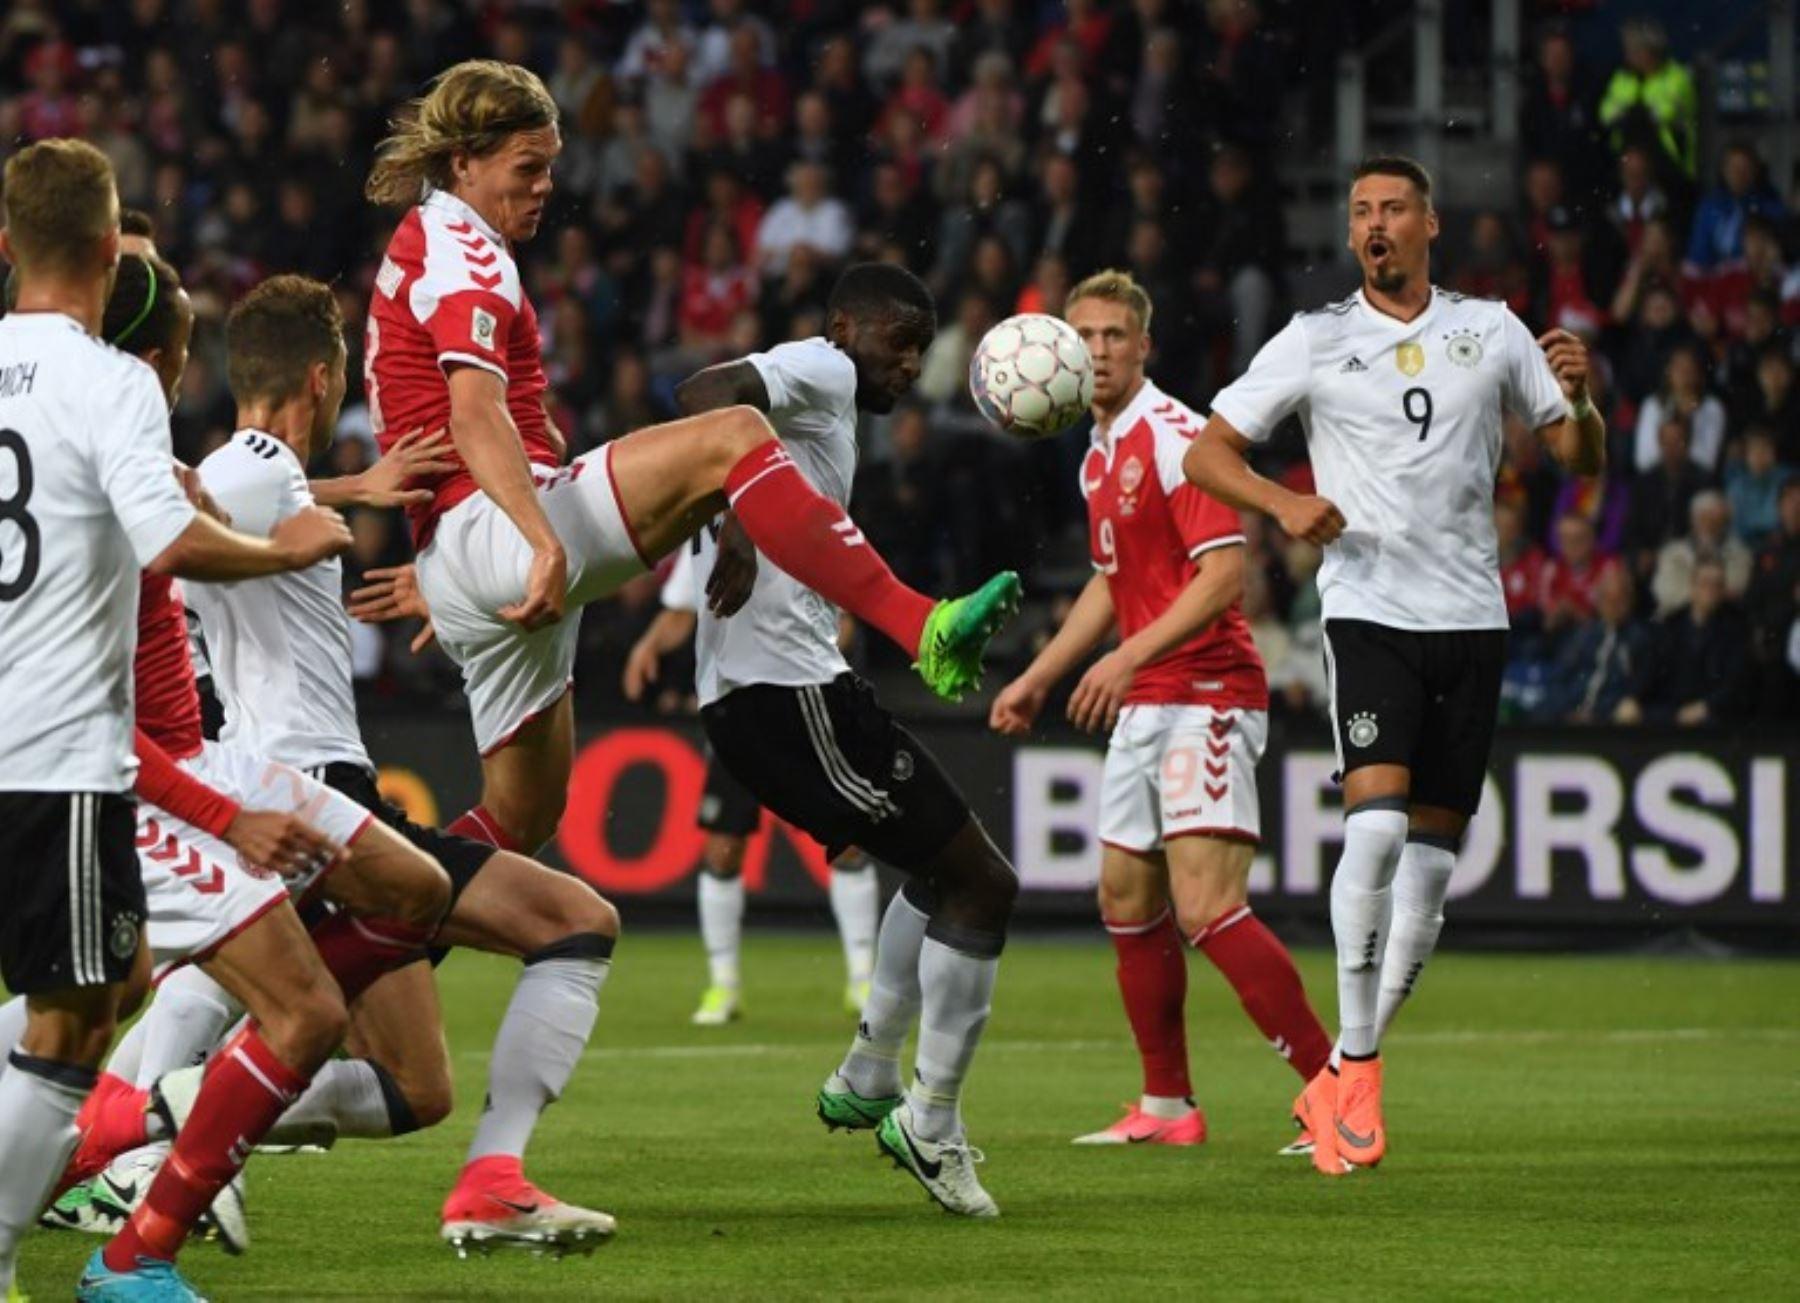 El defensor de Dinamarca, Jannik Vestergaard, con una estatura de 2 metros es uno de los más altos del Mundial de Rusia 2018